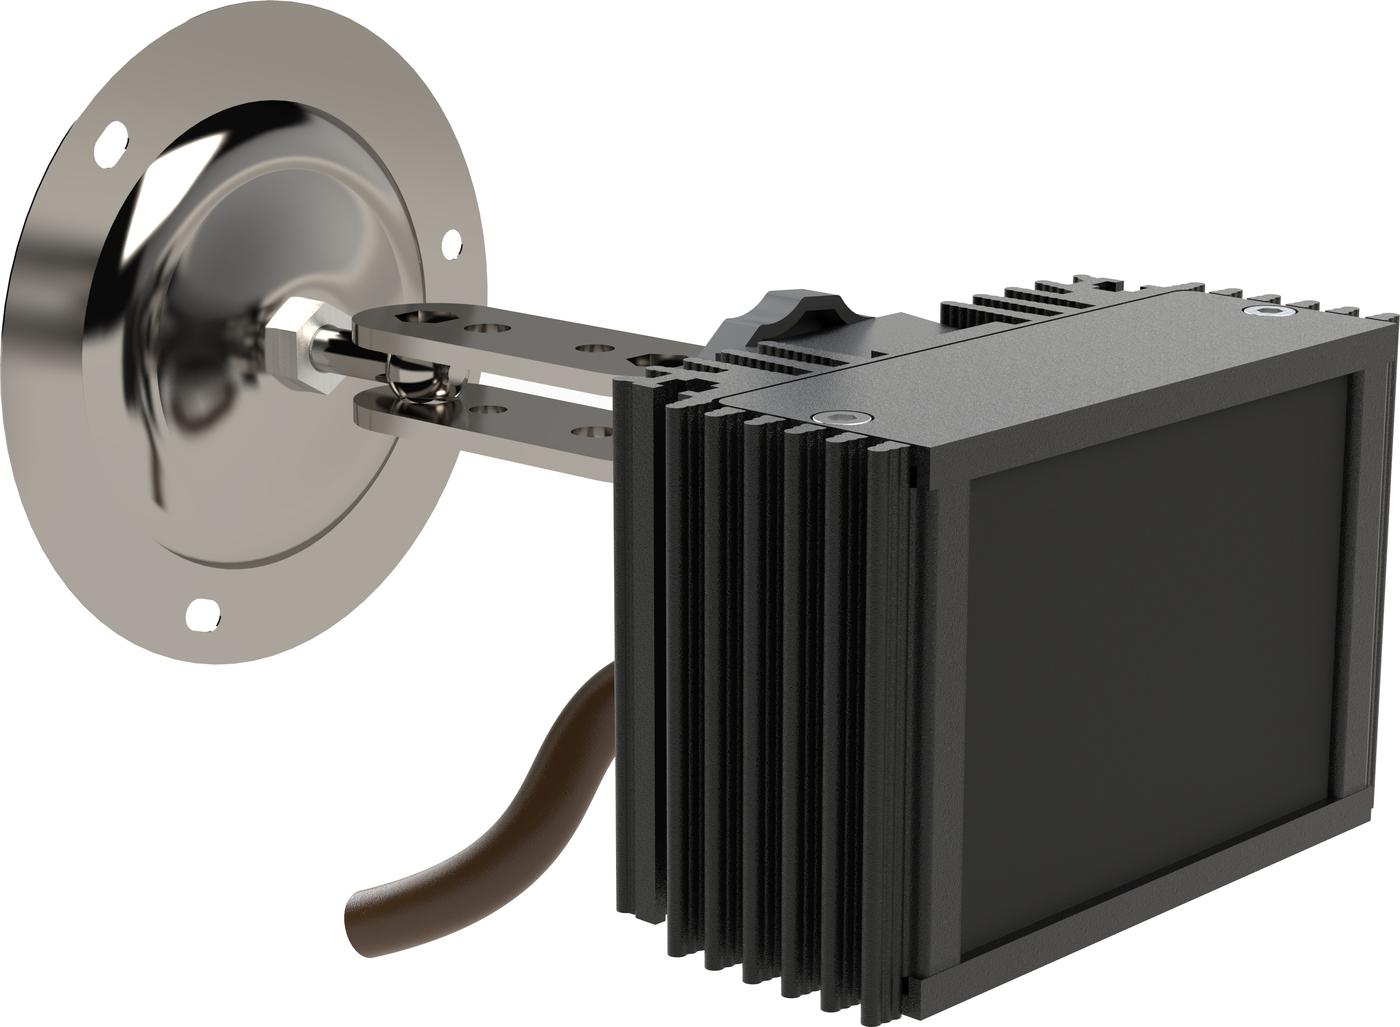 Инфракрасный прожектор Microlight IR Helios S-60/6 940 нм Для полностью скрытого видеонаблюдения Широкоугольный 60 град. Дальность до 15 метров ночного видения Уличный IP67